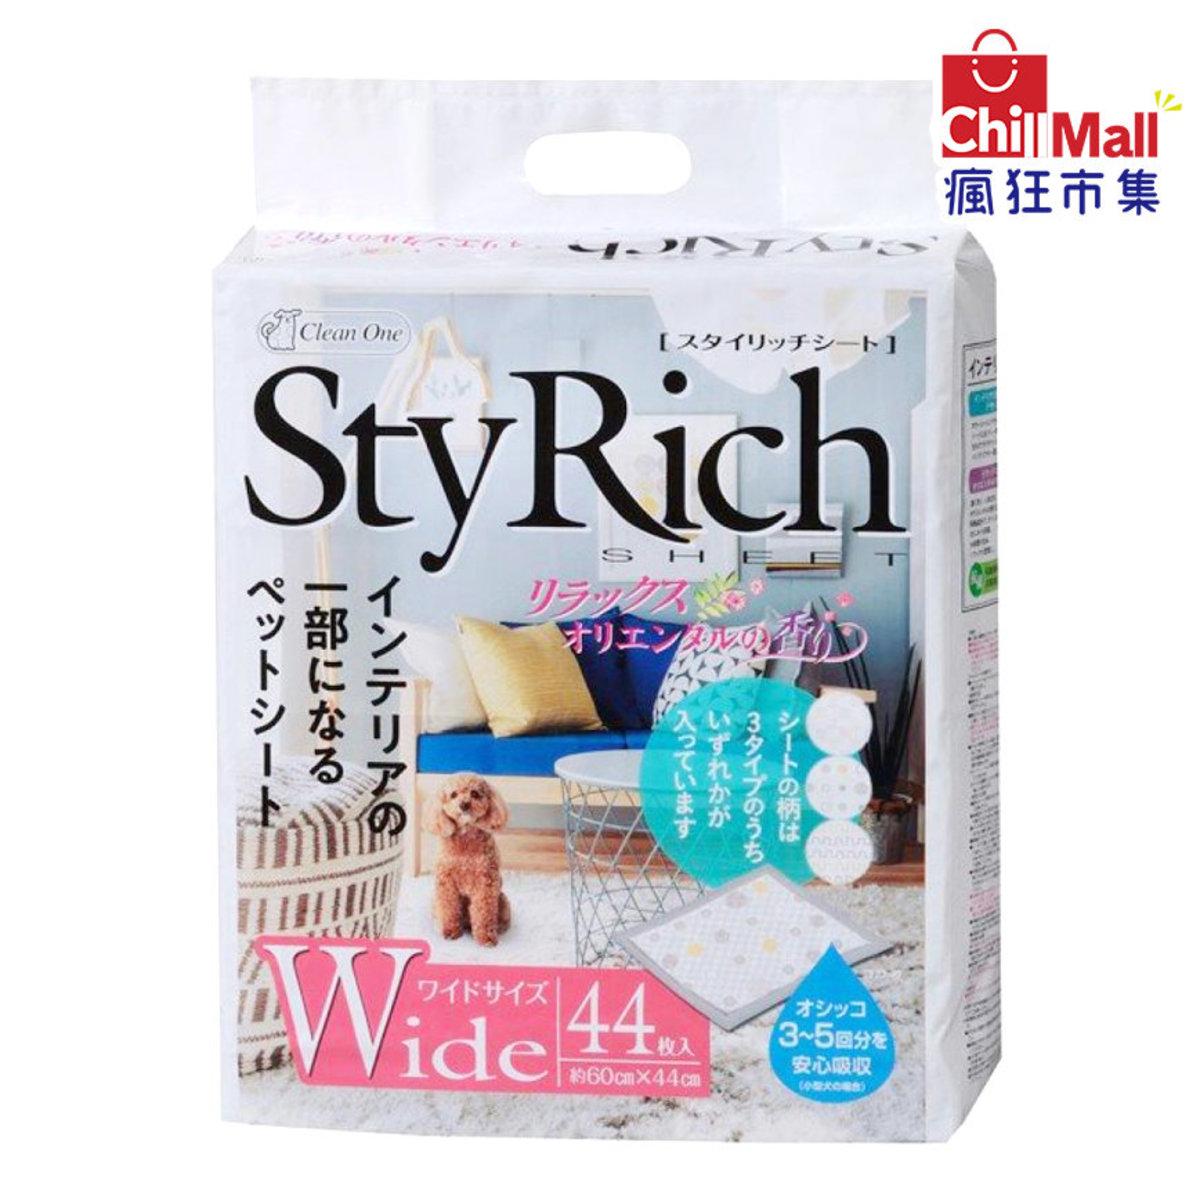 日本StyRich Wide 花香味寵物尿墊 狗尿墊 狗尿片 [44*60 L碼 44枚入] (白粉紅) 8113583